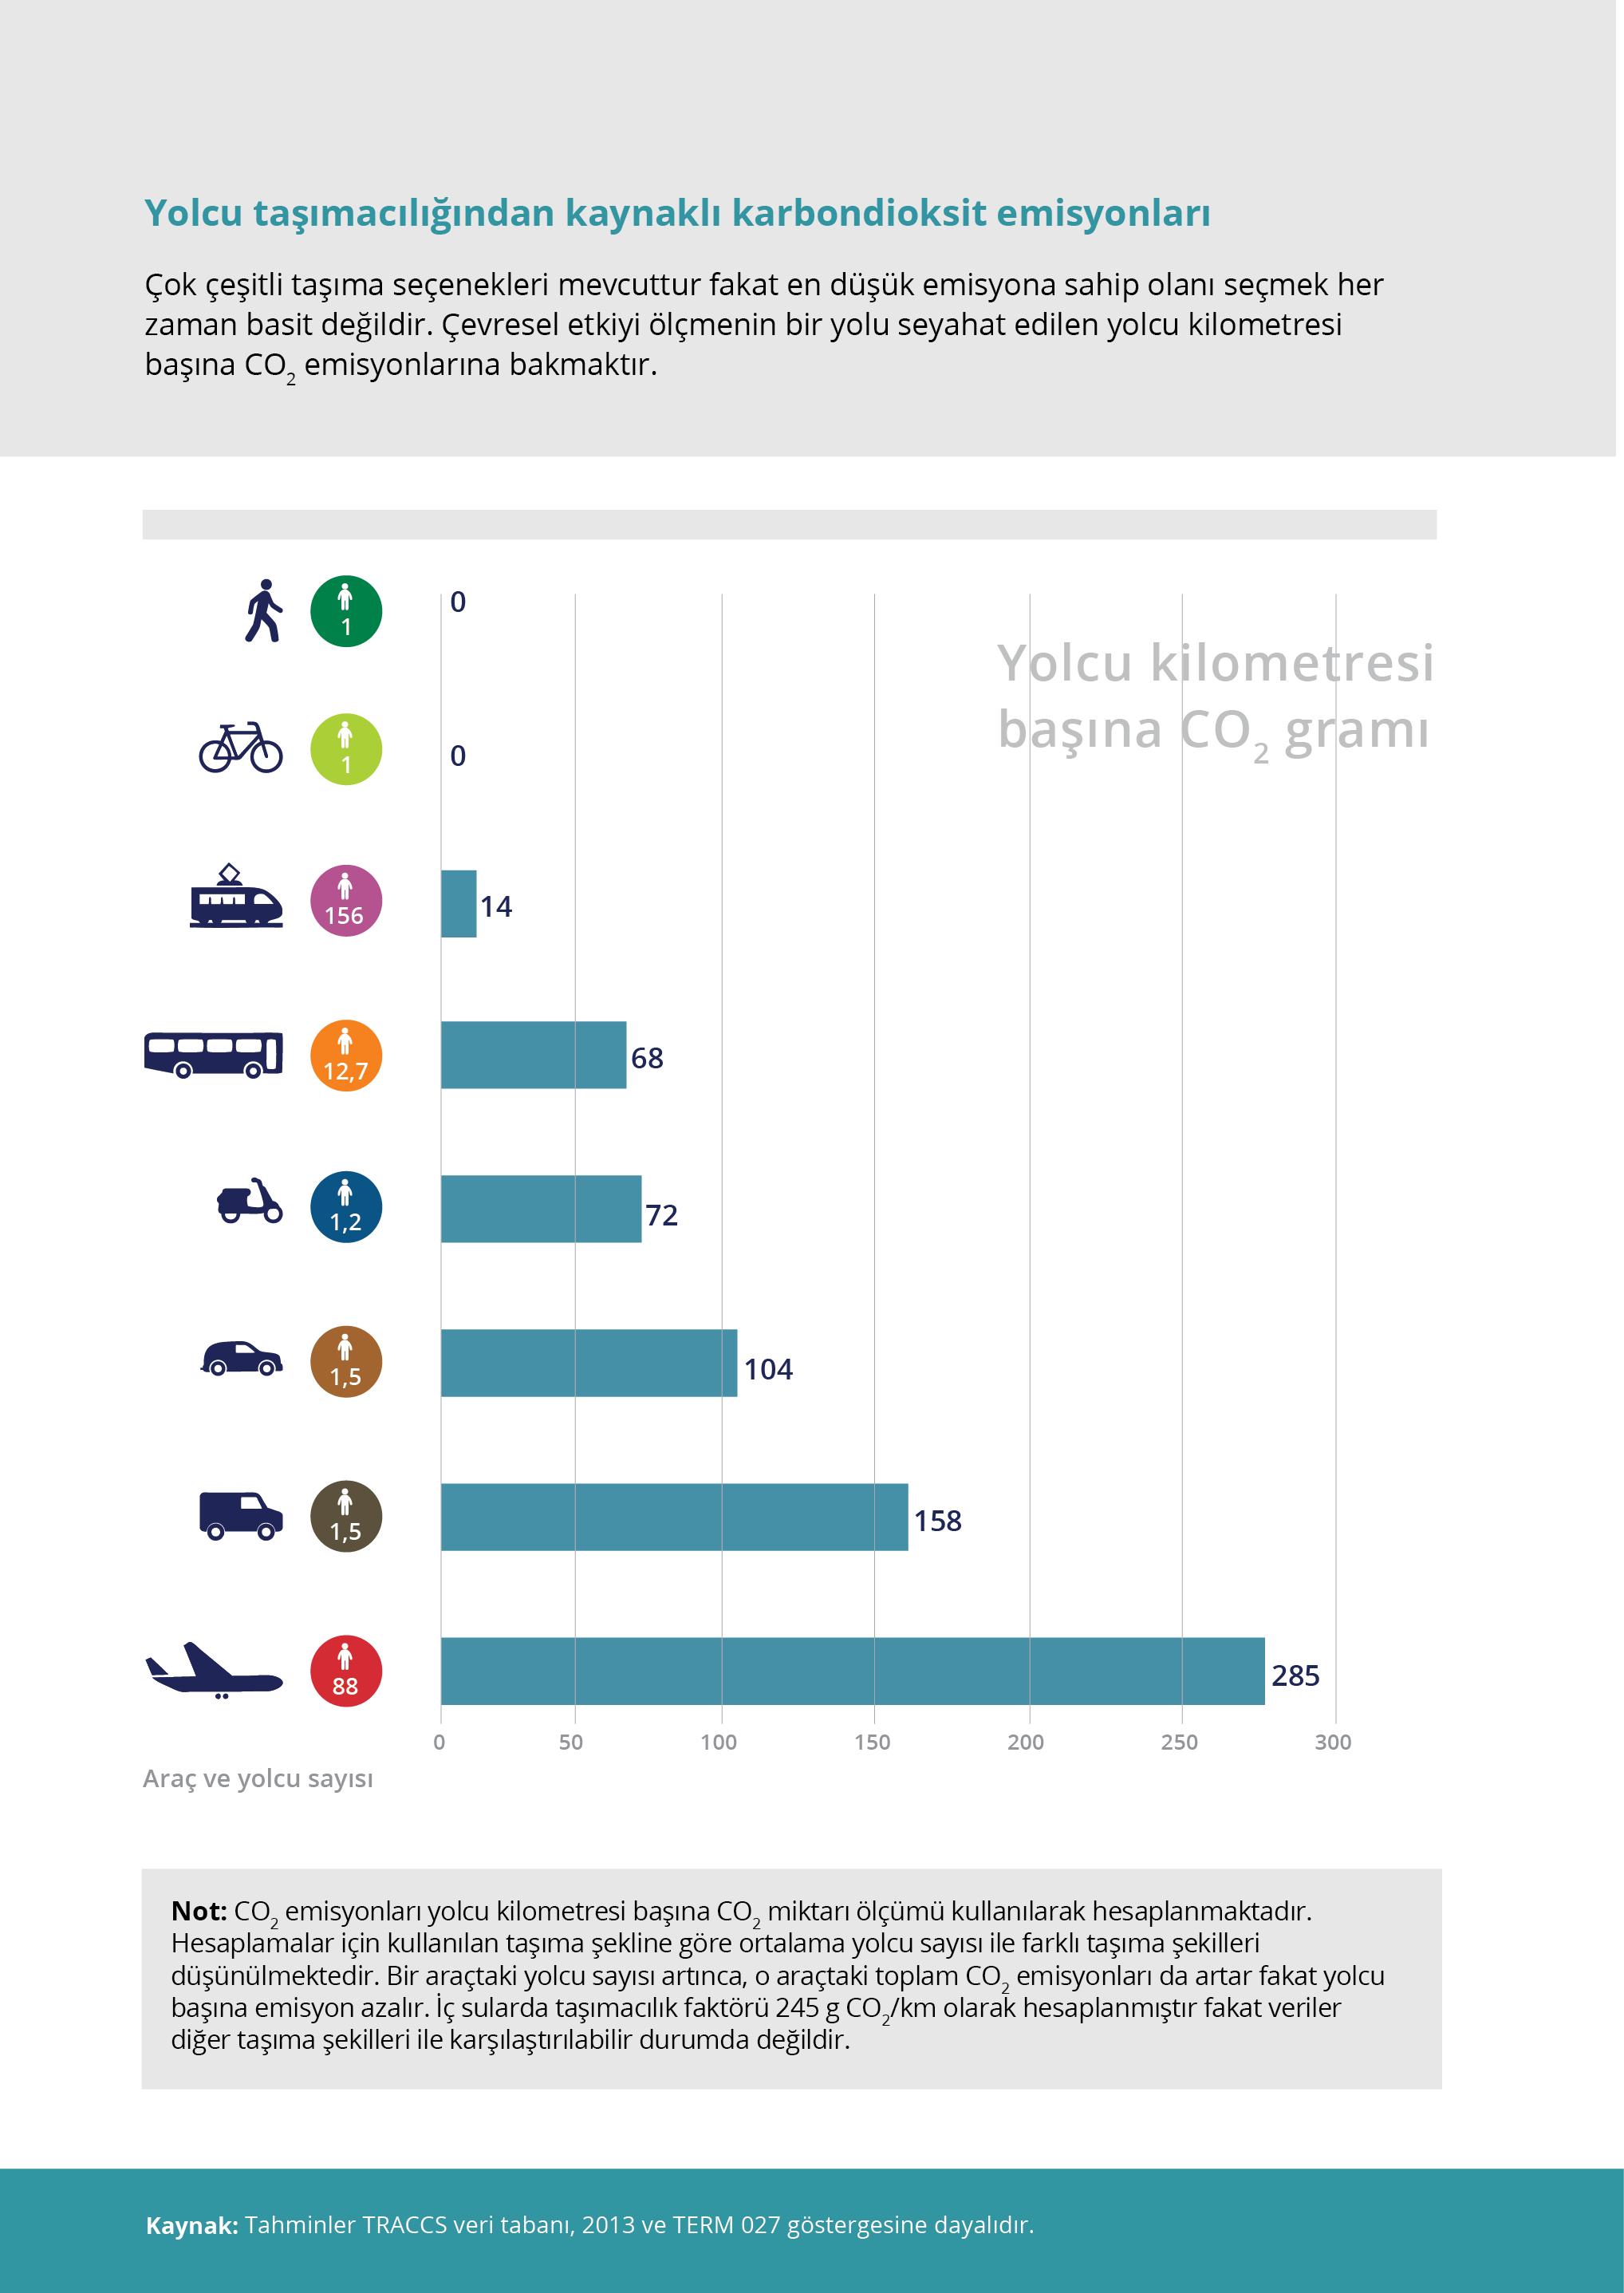 Yolcu taşımacılığından kaynaklı karbondioksit emisyonları